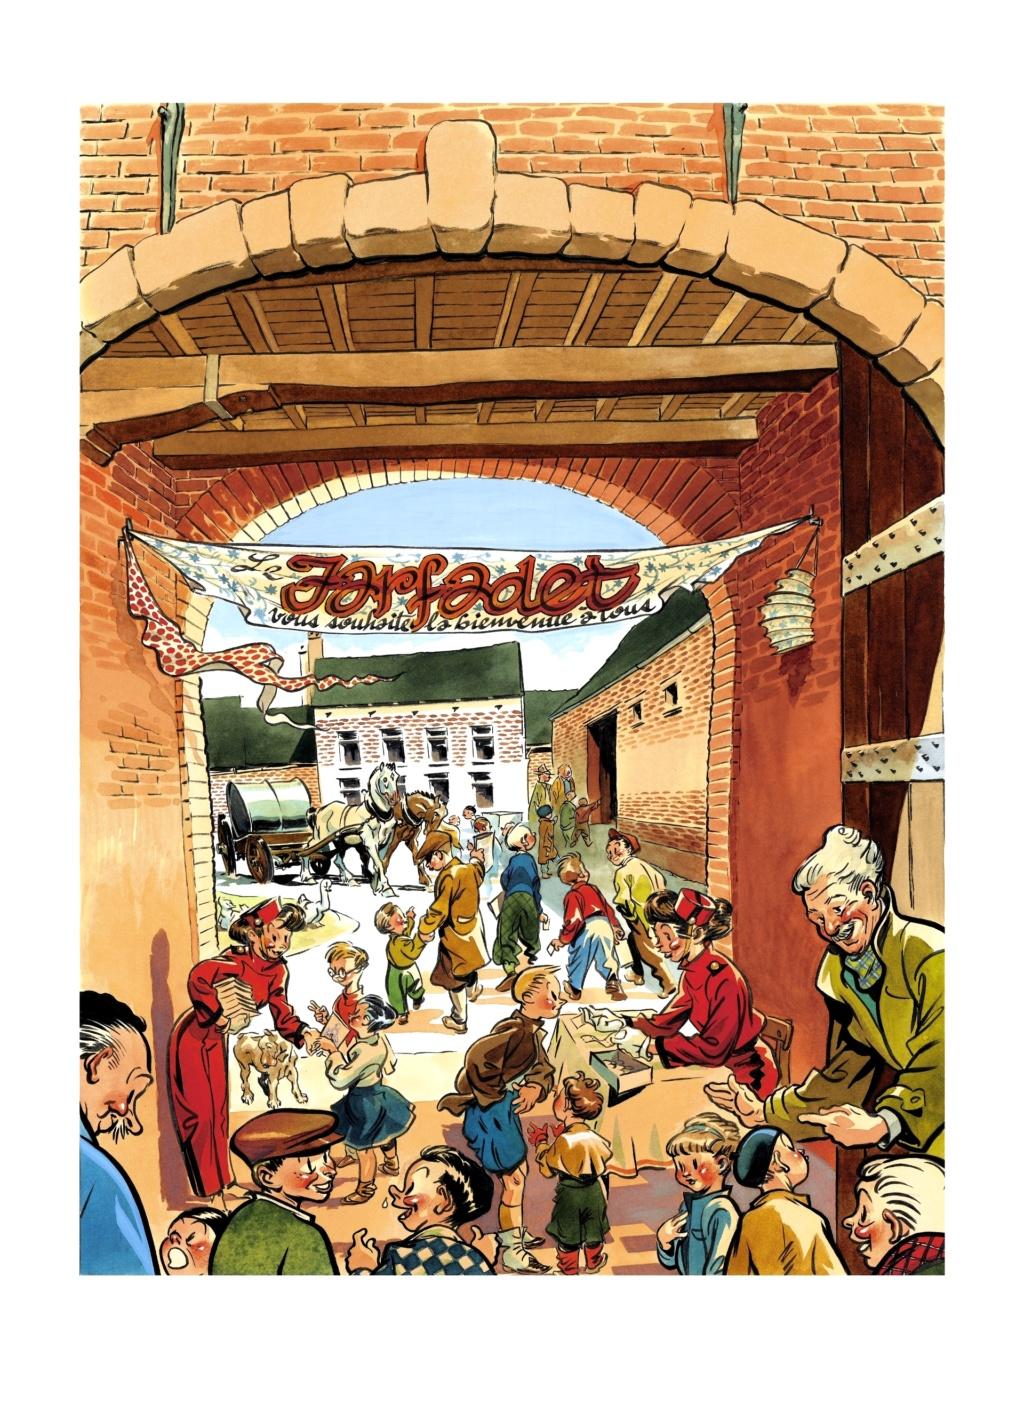 Spirou et ses dessinateurs - Page 11 Le-pet11